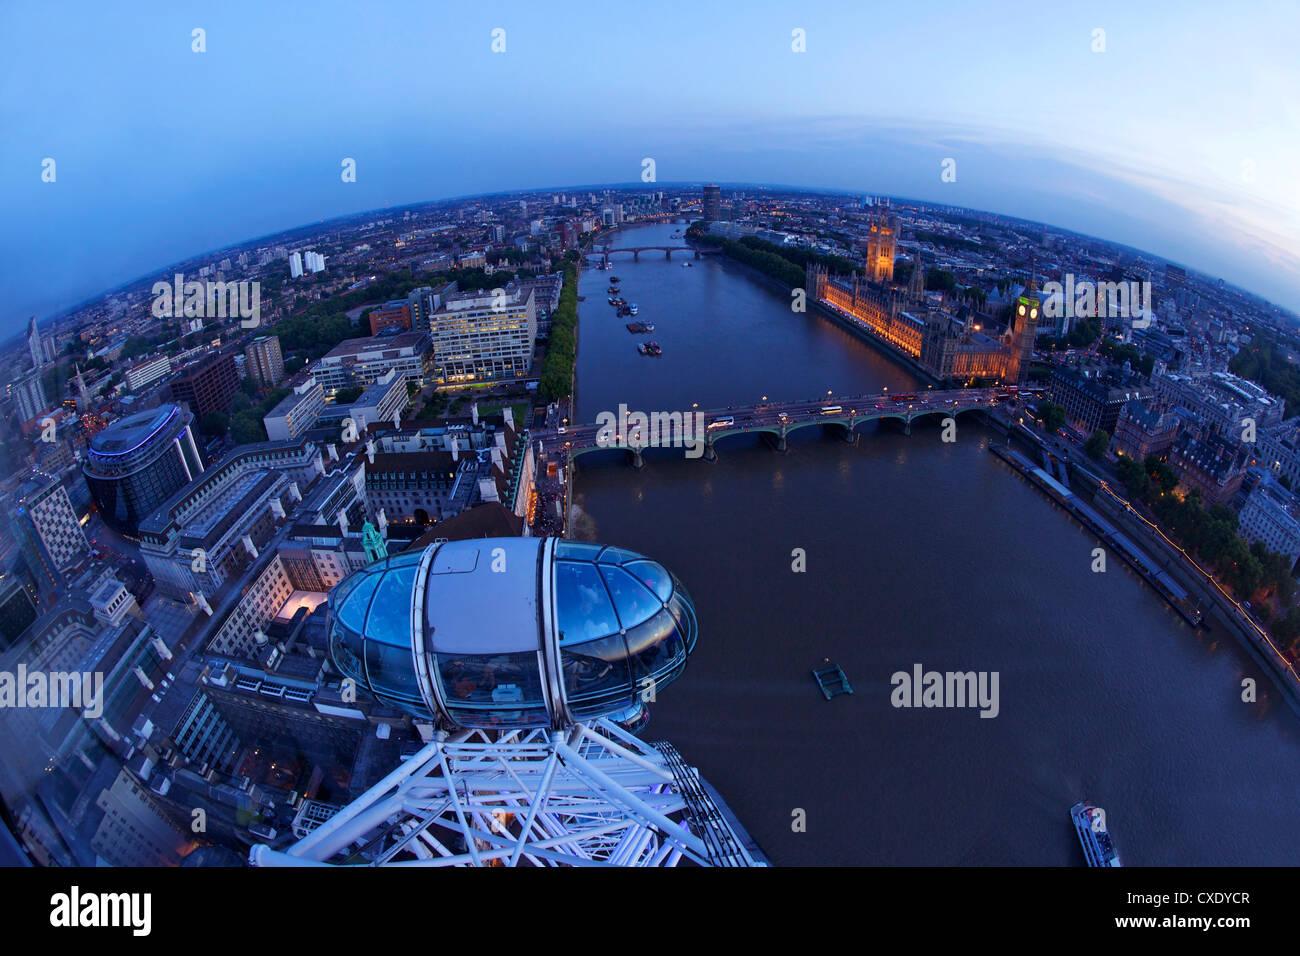 Vista de pasajero cápsula pod, Las Casas del Parlamento, el Big Ben y el Río Támesis, desde el Ojo Imagen De Stock